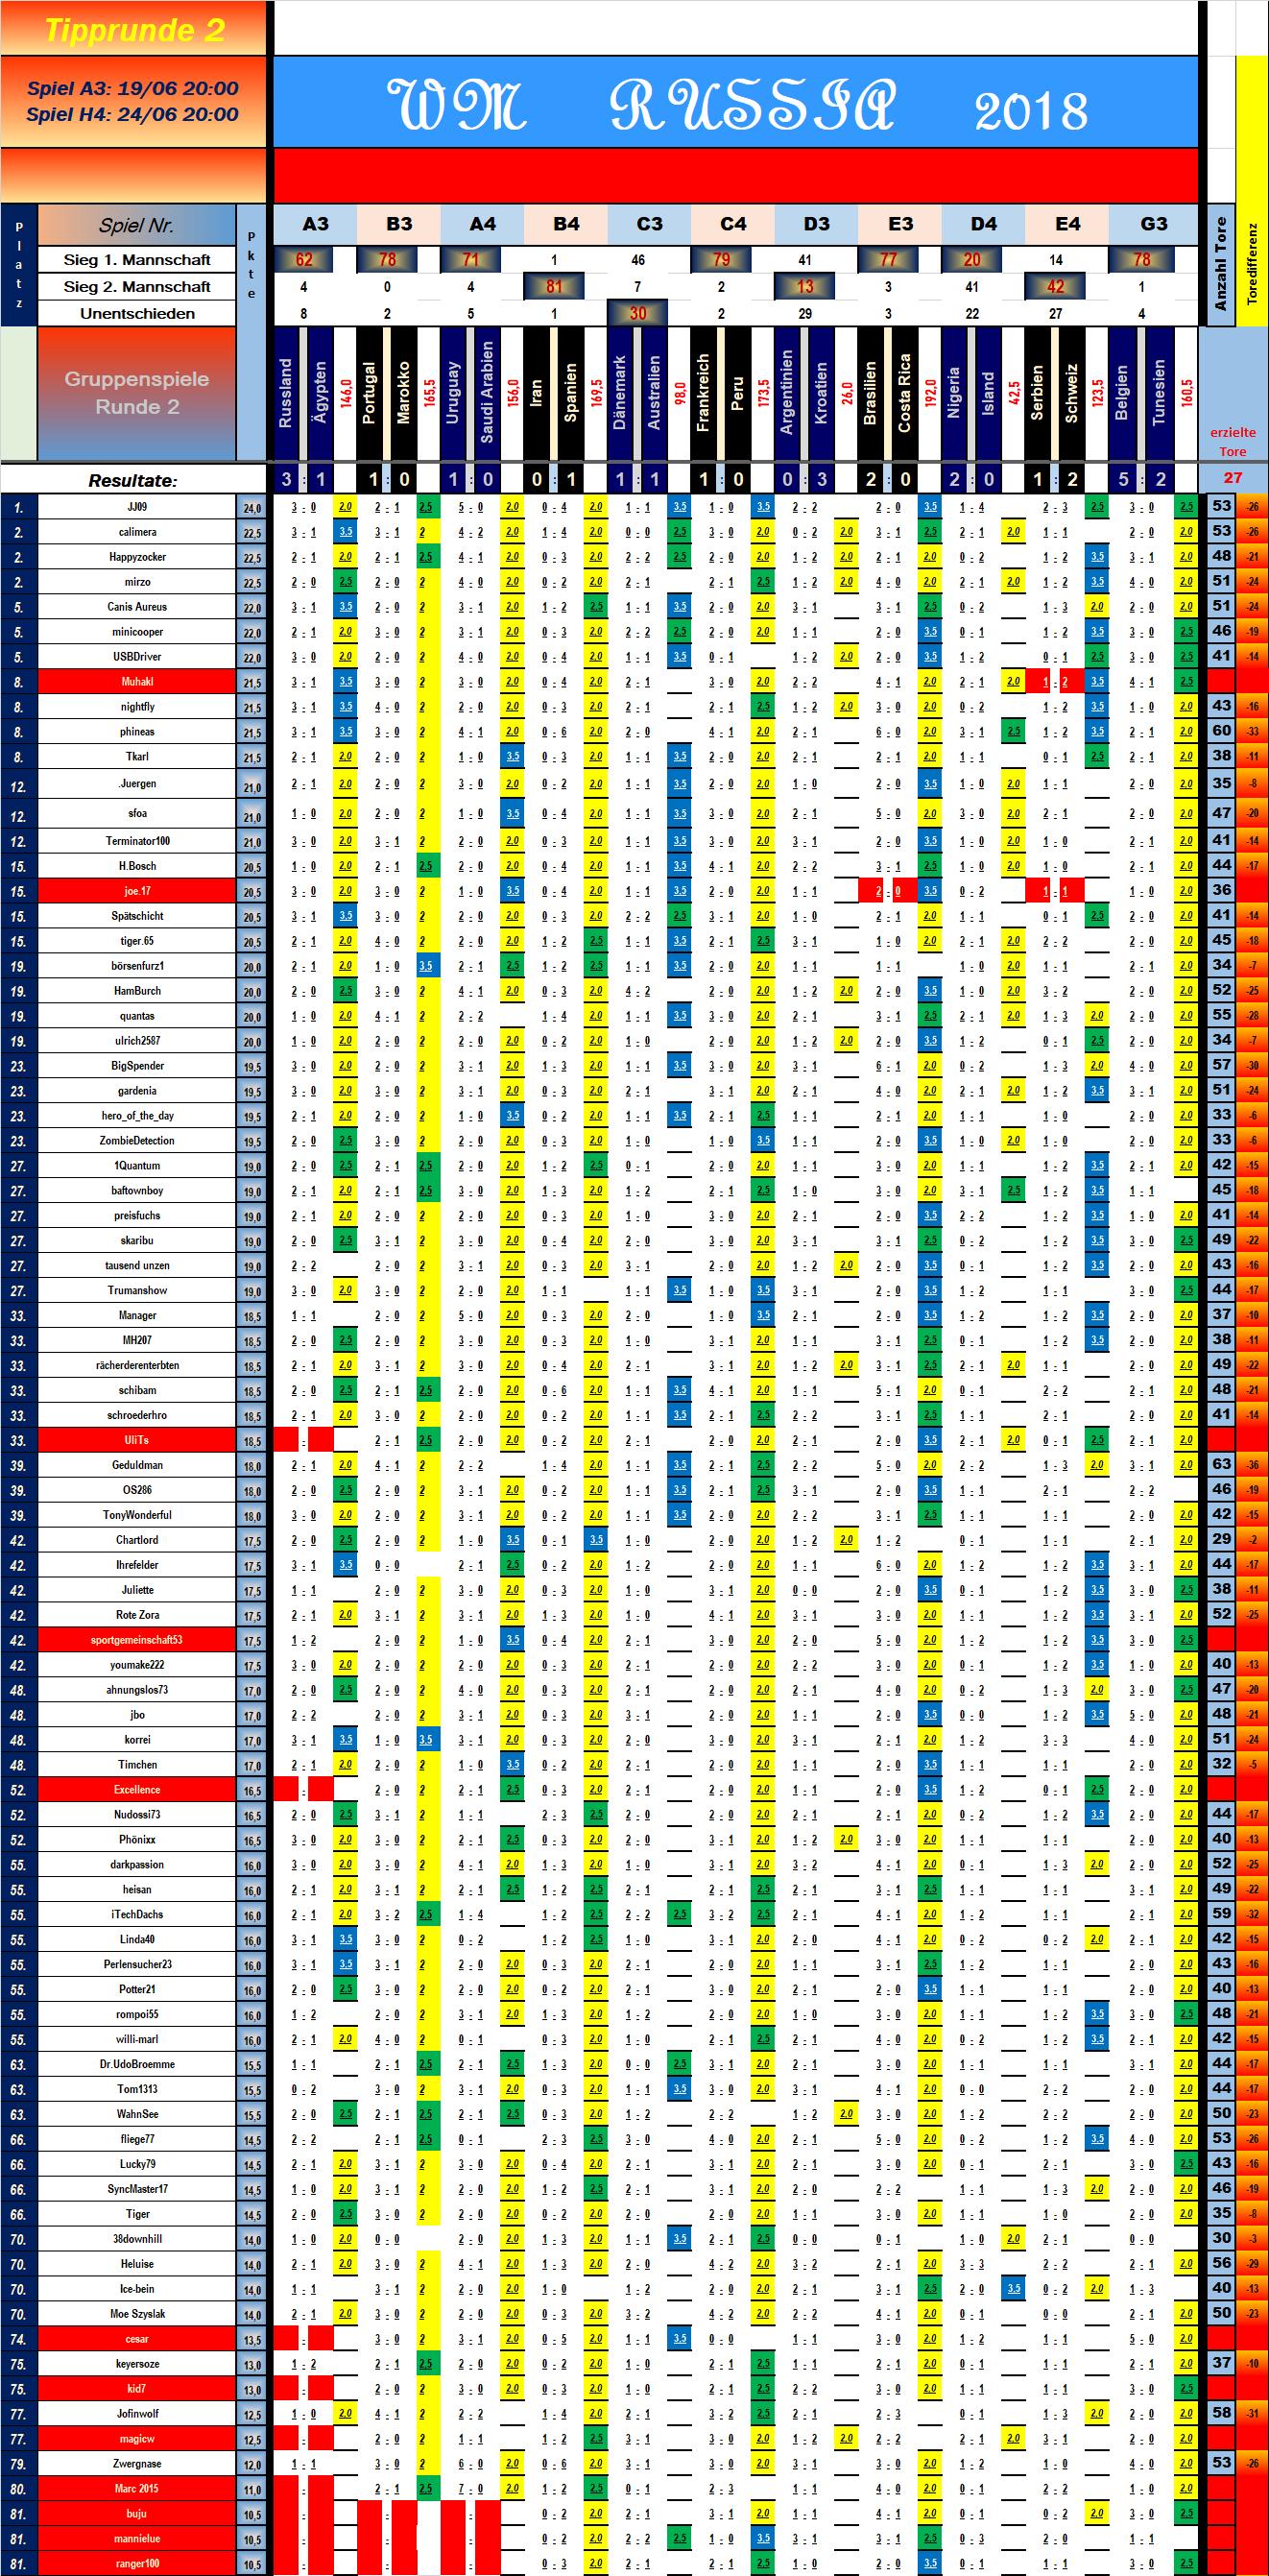 tabelle_vorrunde_2_spiel_11.png